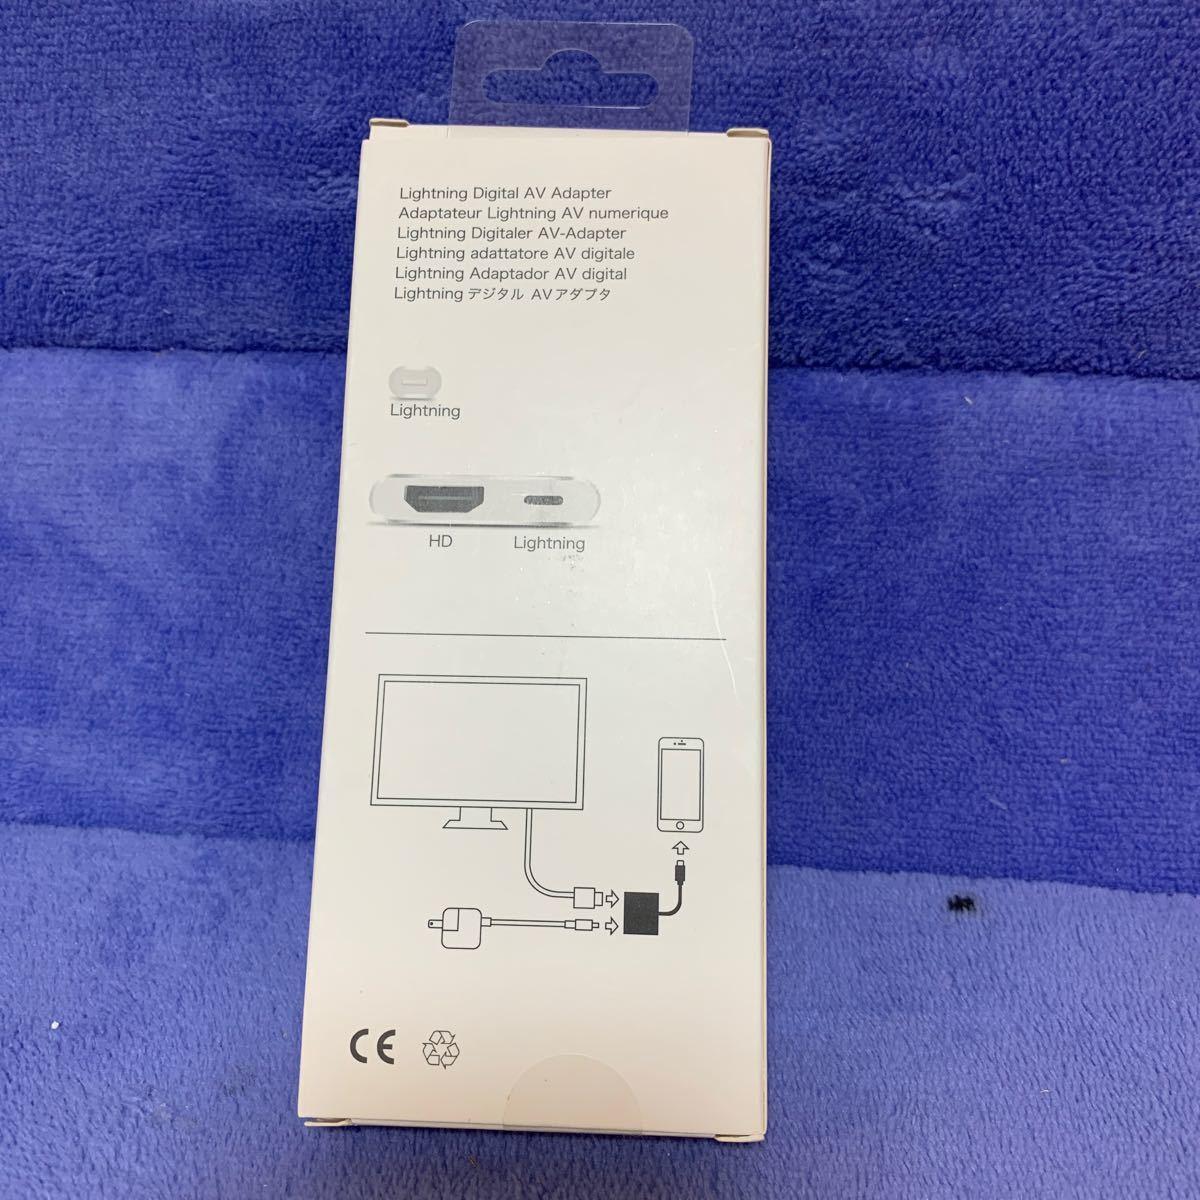 iPhone iPad HDMI 変換ケーブル アダプタ ライトニング HDMIユーチューブをテレビで見る